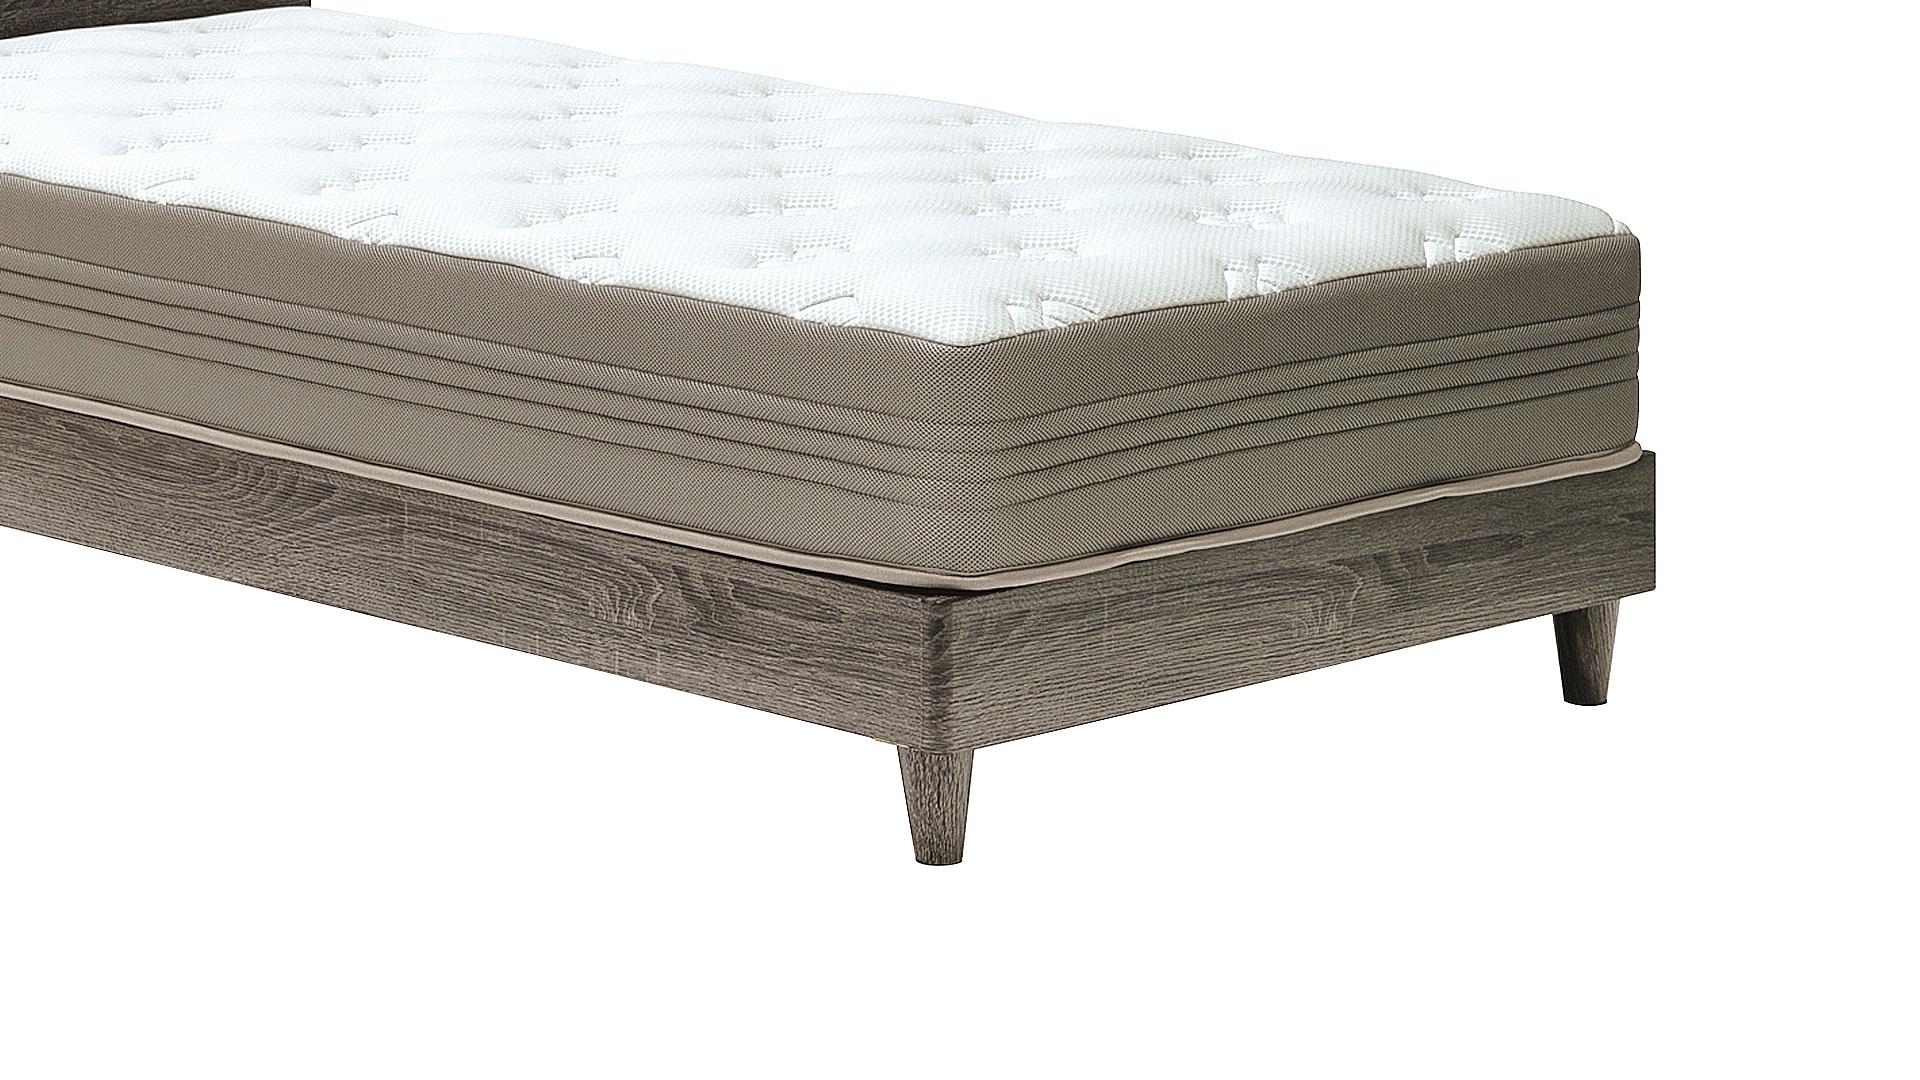 リビンズのベッドフレーム「アンディ」のグレーの脚のアップの画像